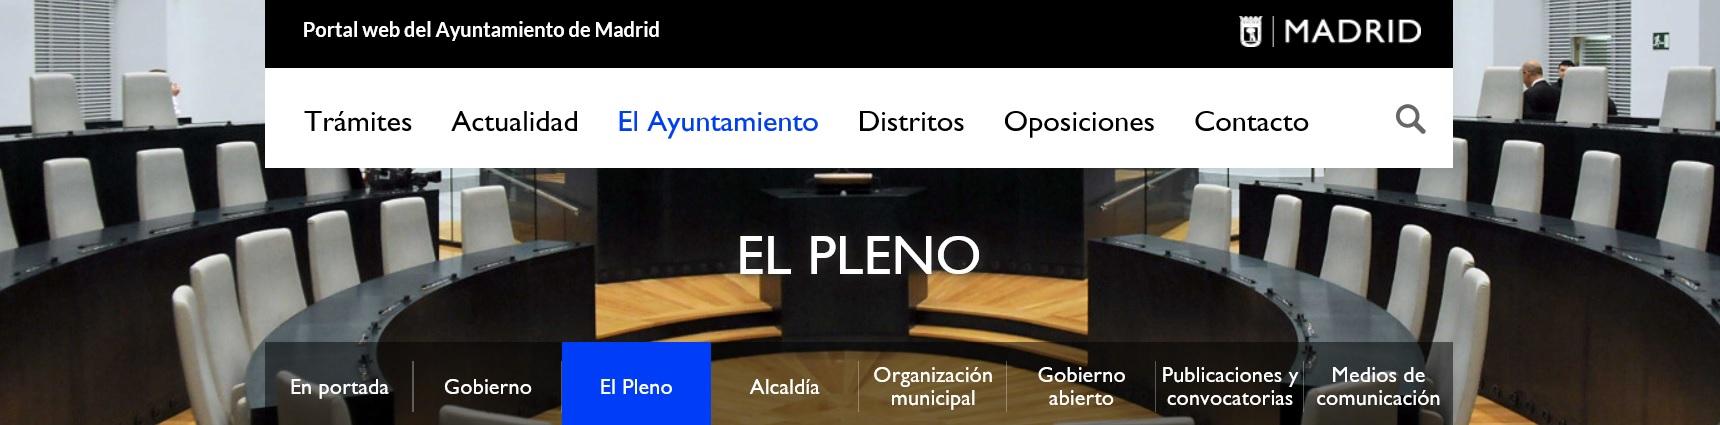 Hostelería Madrid lleva al pleno del Ayuntamiento de Madrid el debate sobre la ZPAE de Centro - La Viña